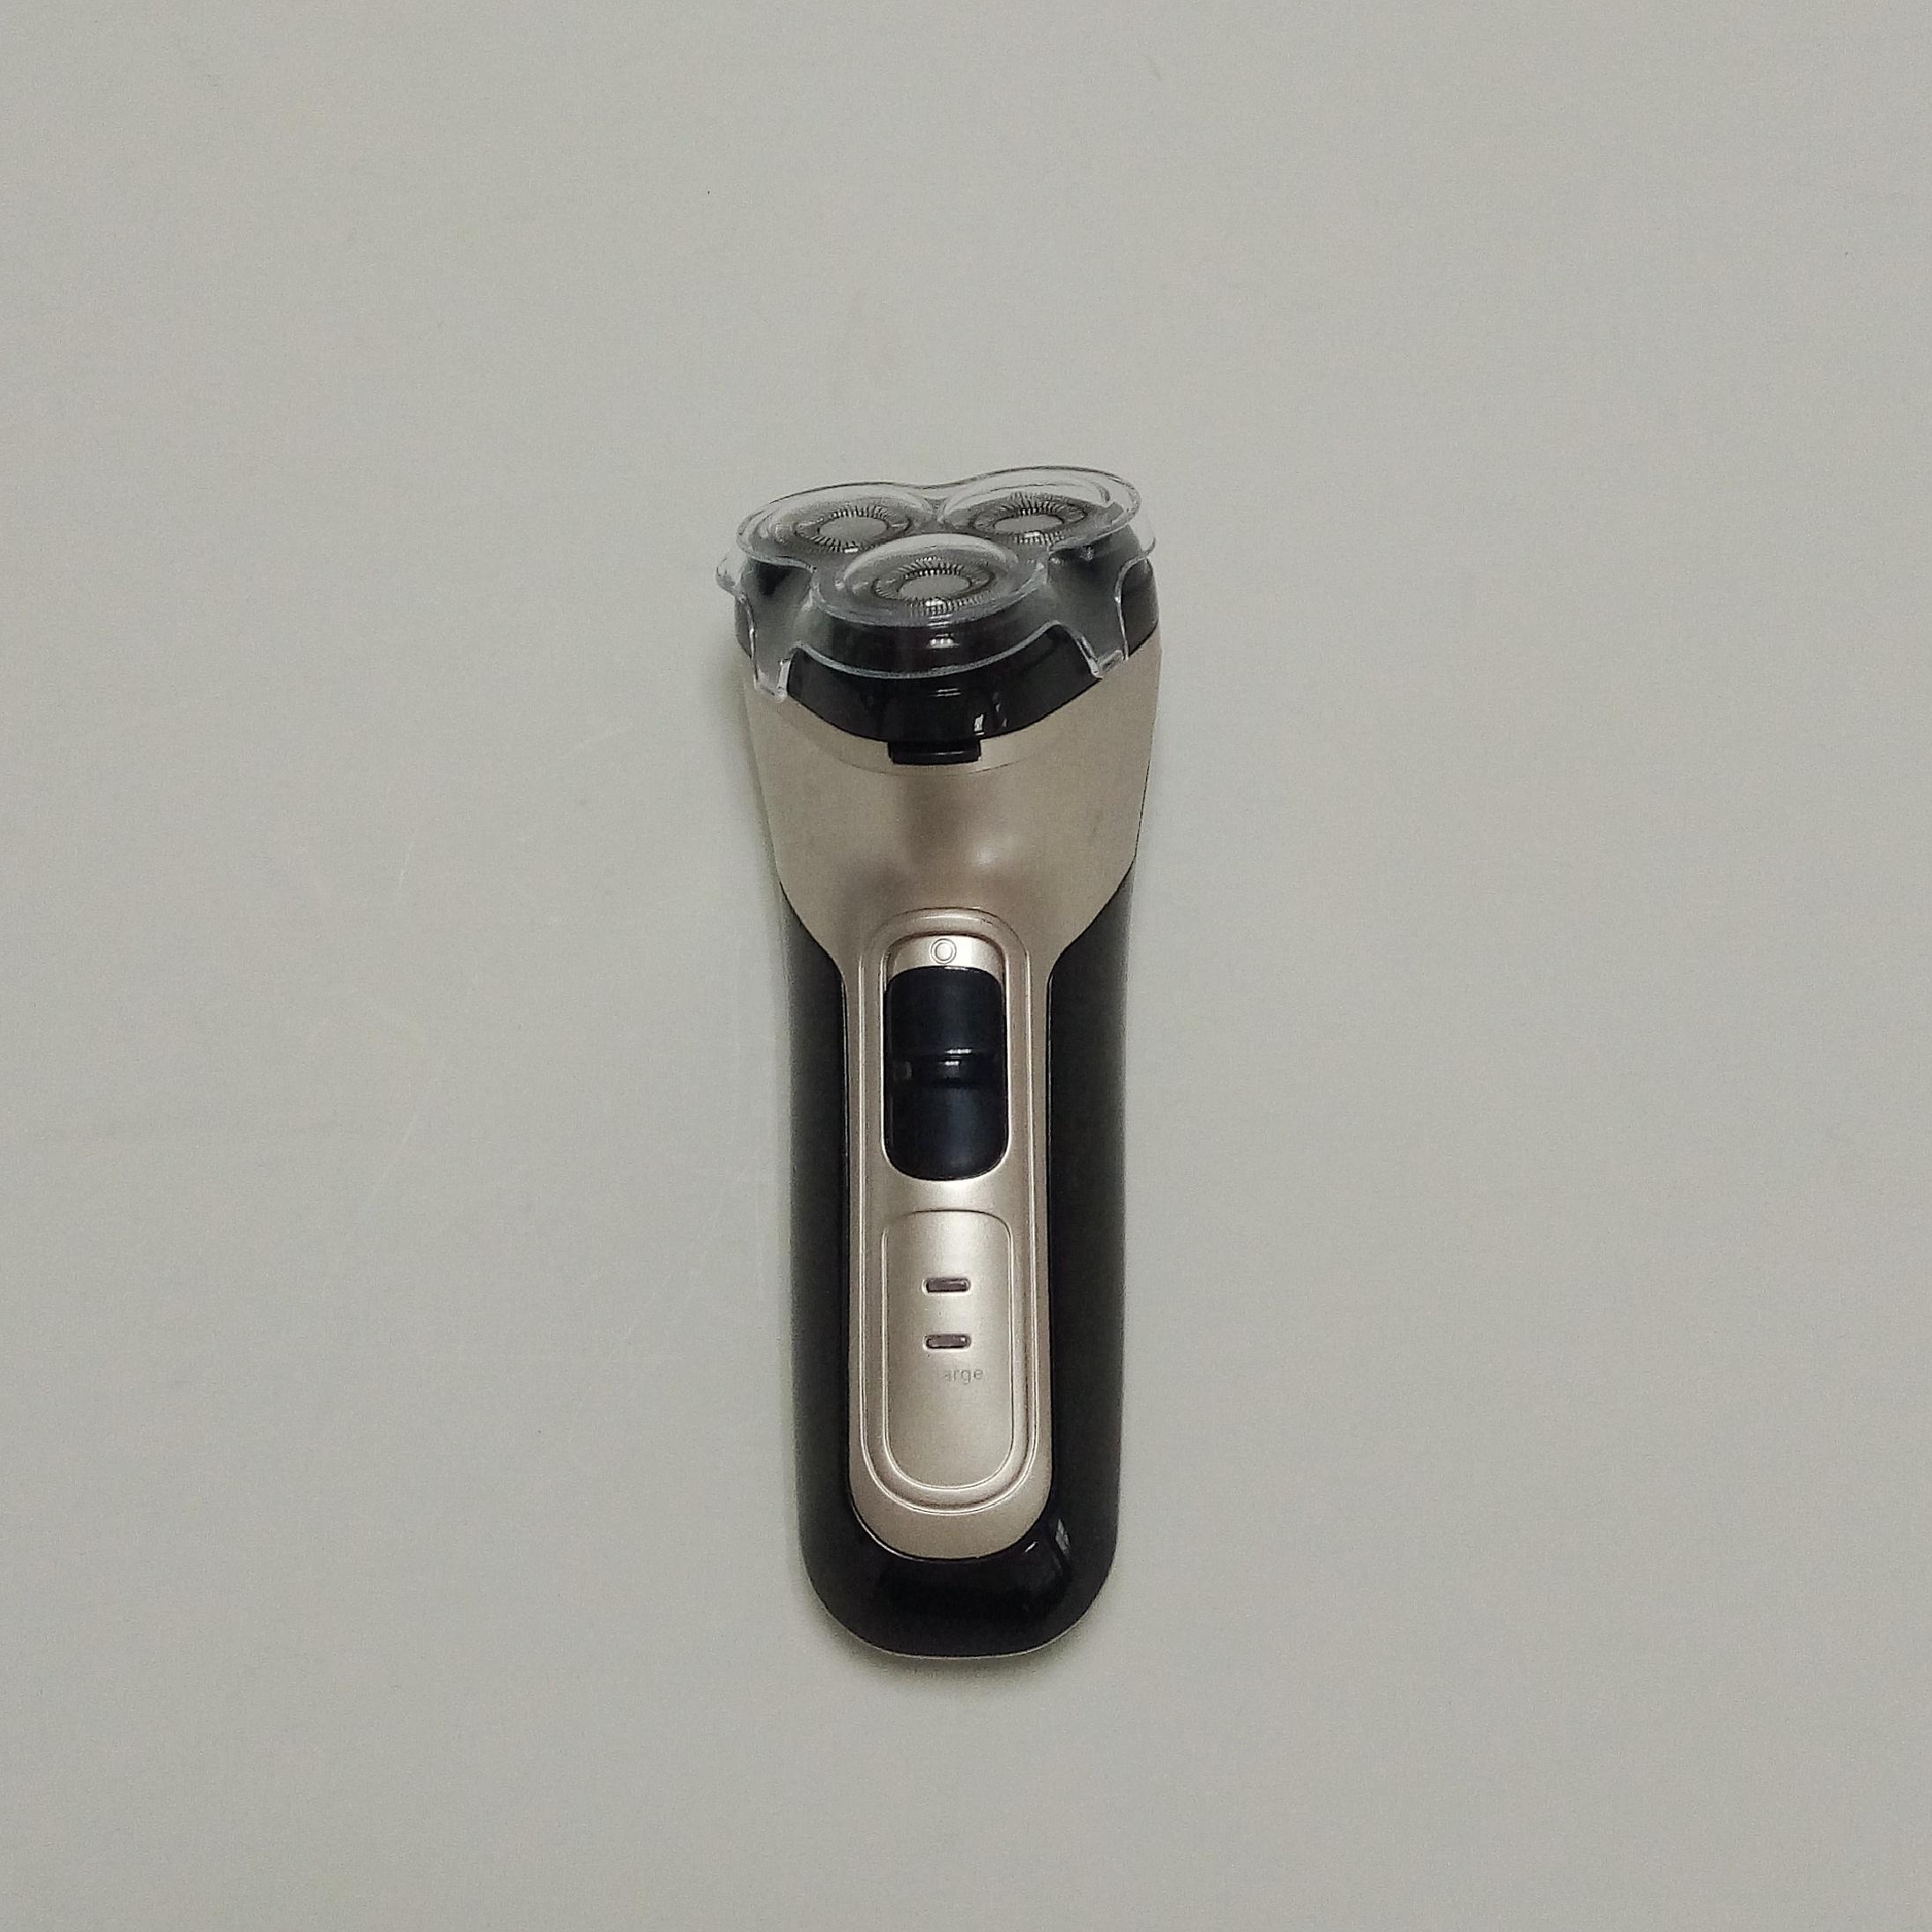 プロフェッショナル電気シェーバー充電式男性使用